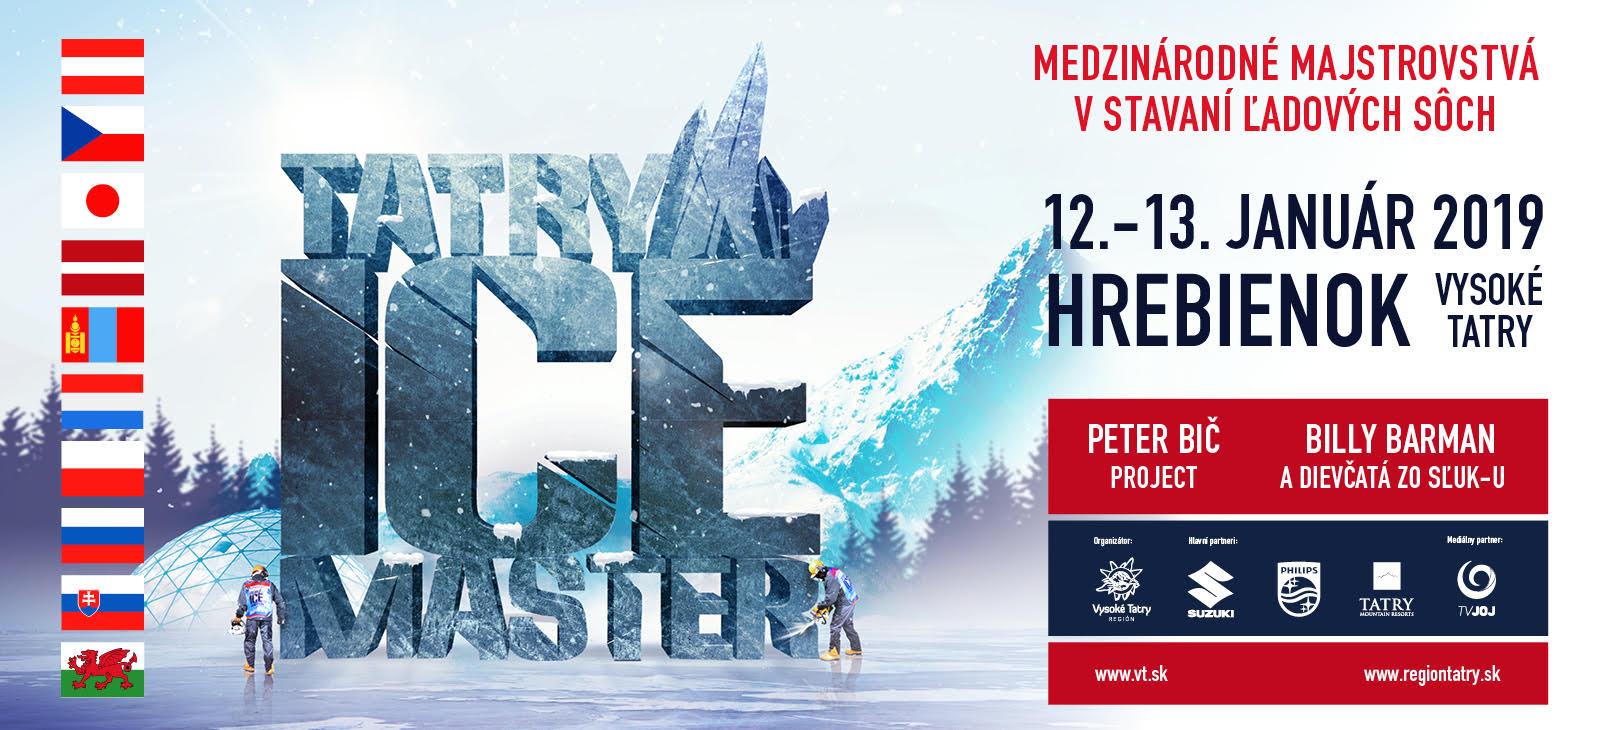 Víkend v Tatrách bude patriť ľadovej kráse